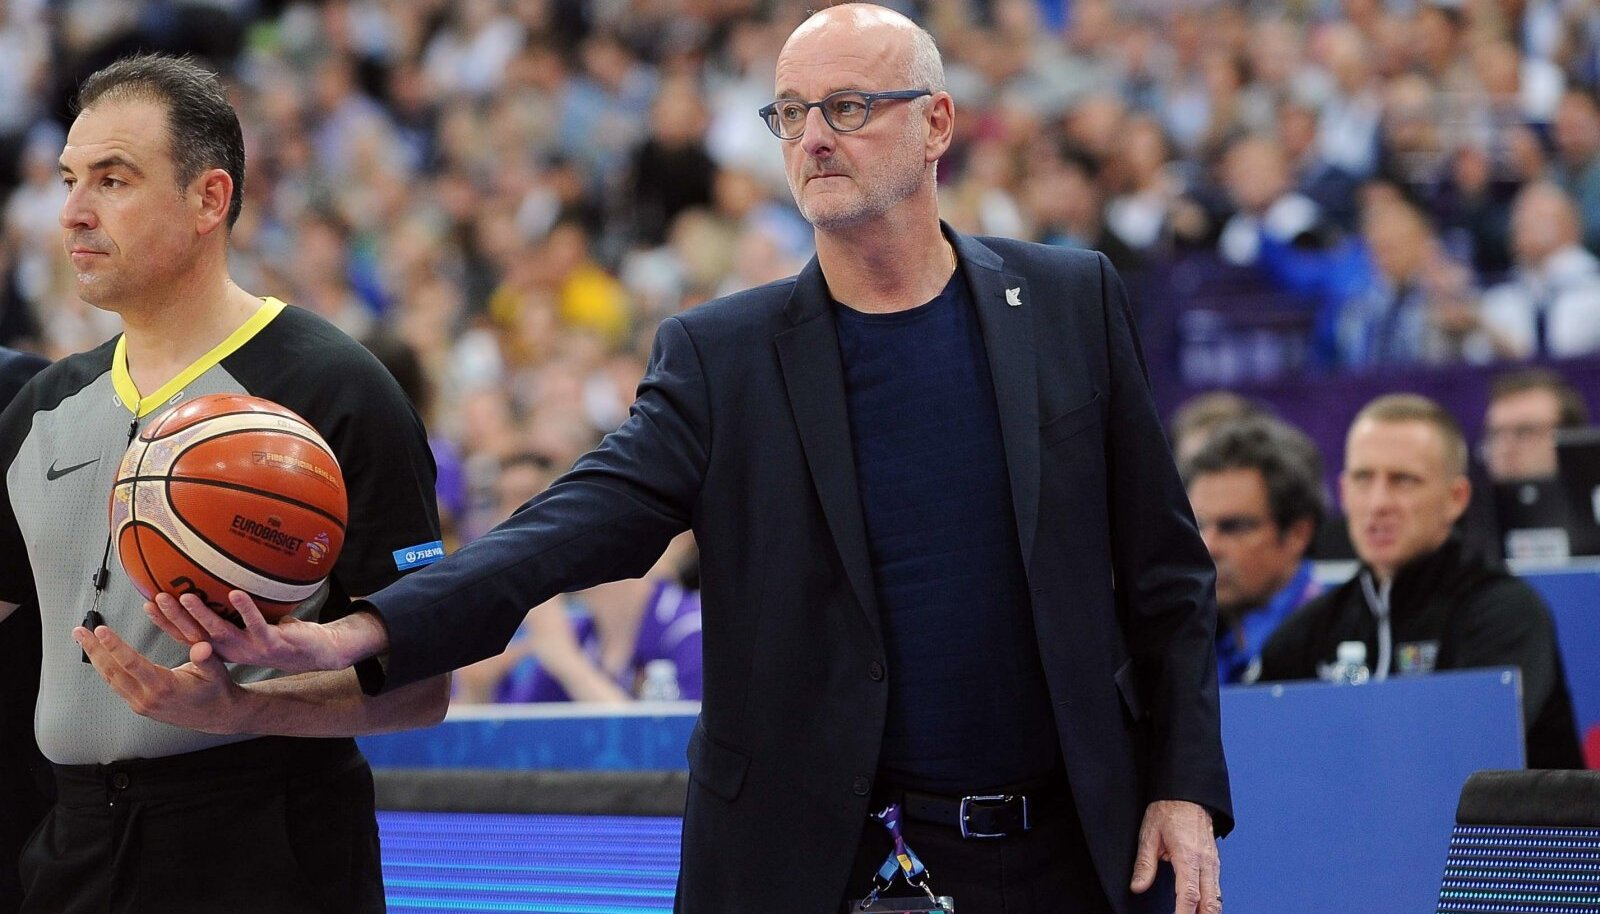 Henrik Dettmanni sisetunne, et Eesti korvpalliliit tegi Jukka Toijalat palgates õige otsuse, paistab täpseks osutuvat.